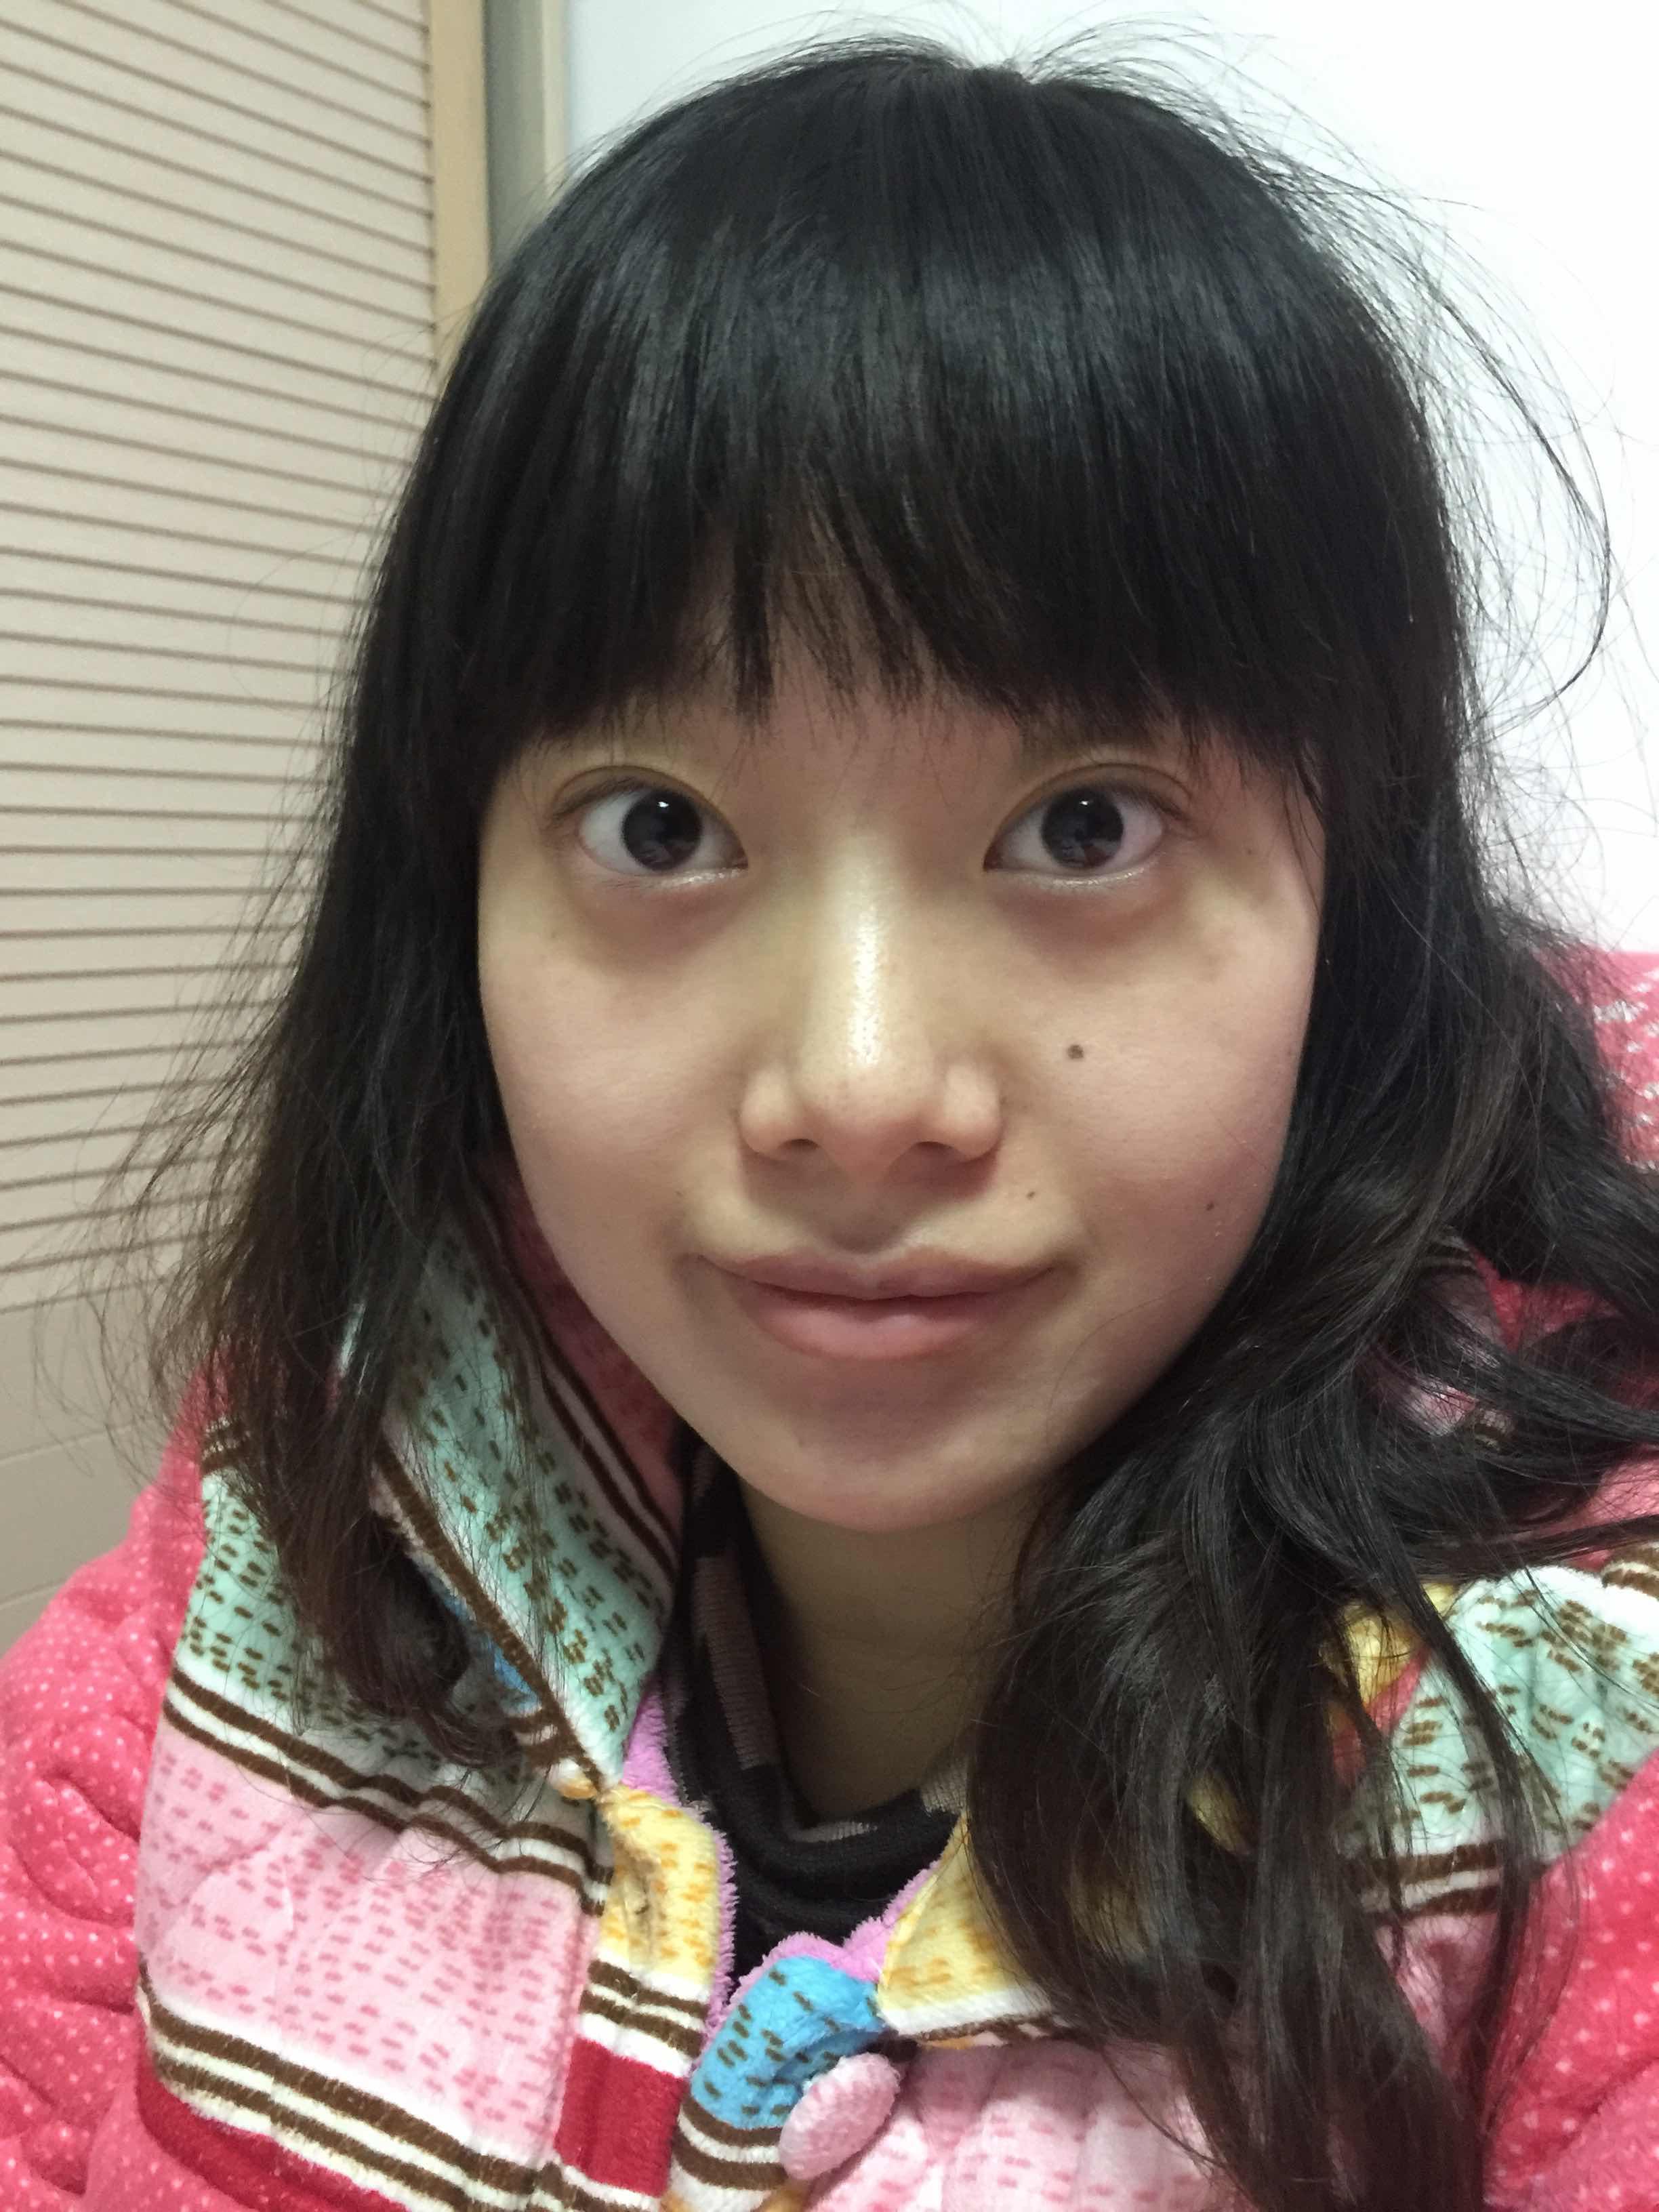 割双眼皮后如何消肿?ps:为什么没男生喜欢我,是因为我太丑了吗,好想谈恋爱